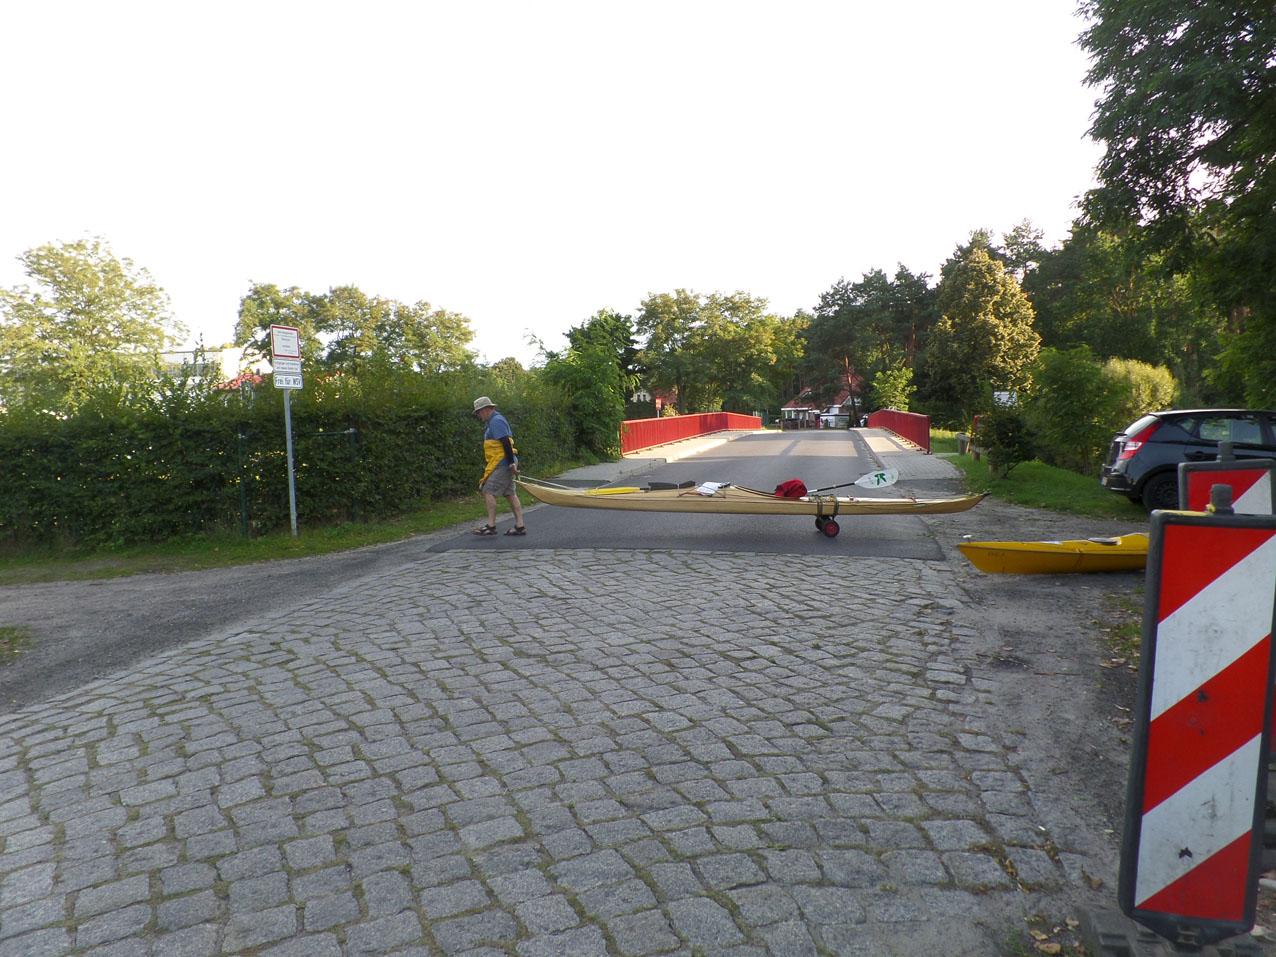 Oversteek tussen Malz en Friedrichstal